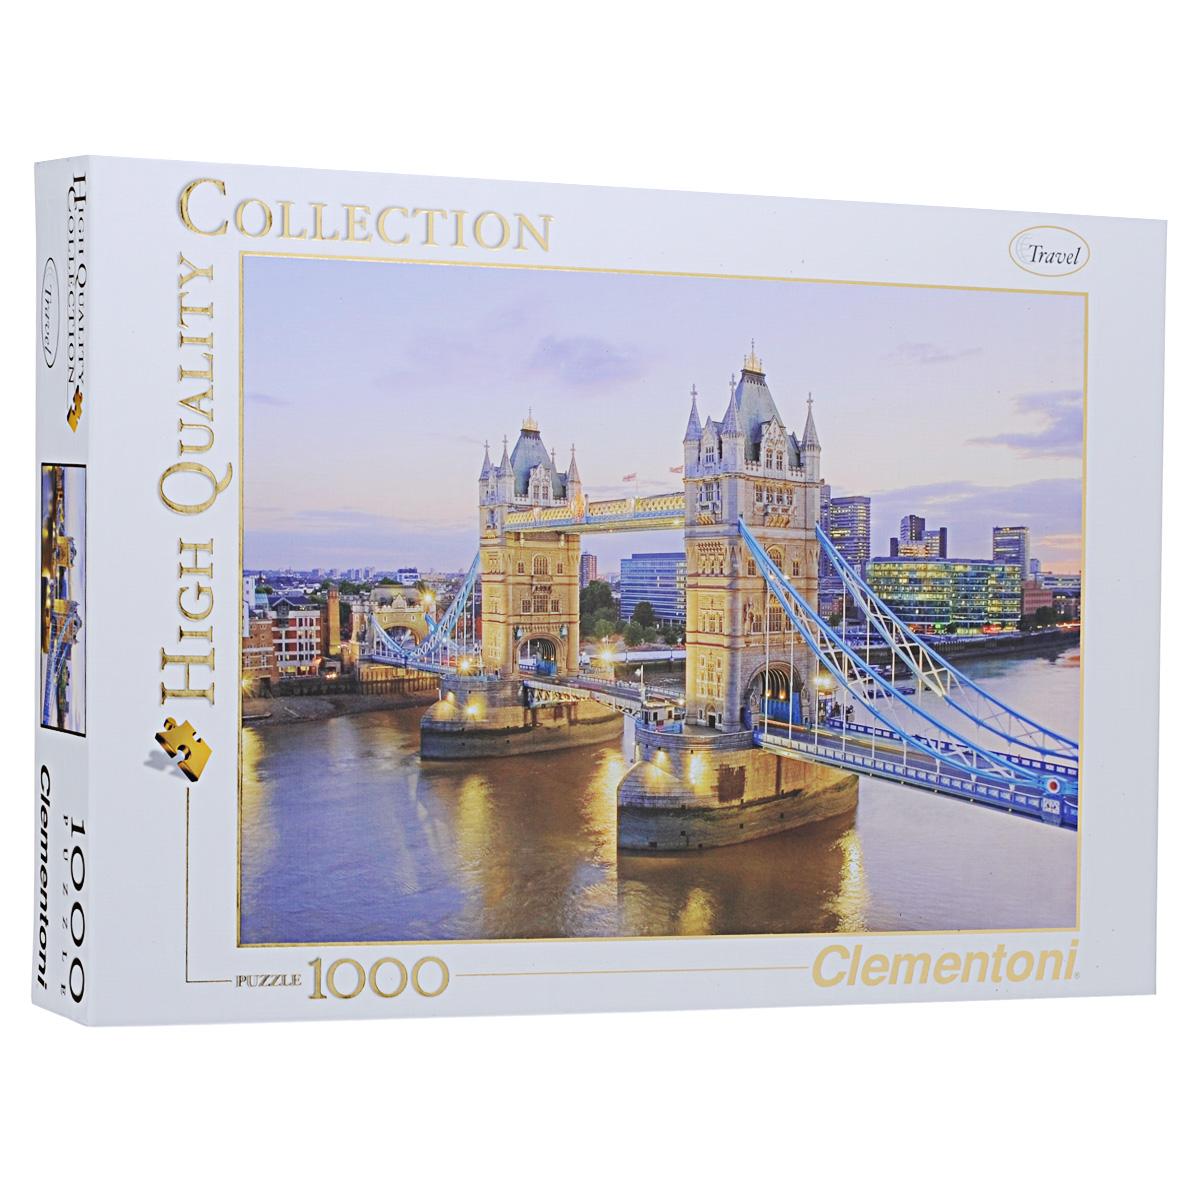 Тауэрский мост. Пазл, 1000 элементов39022Пазл Тауэрский мост из 1000 элементов изображает вид на самый знаменитый мост Англии. Тауэрский мост, построенный во второй половине XIX века, ввиду необходимости, стал известнейшим символом Великобритании. Пазлы - прекрасное антистрессовое средство для взрослых и замечательная развивающая игра для детей. Собирание пазла развивает у ребенка мелкую моторику рук, тренирует наблюдательность, логическое мышление, знакомит с окружающим миром, с цветом и разнообразными формами, учит усидчивости и терпению, аккуратности и вниманию. Собирание пазла - прекрасное времяпрепровождение для всей семьи.